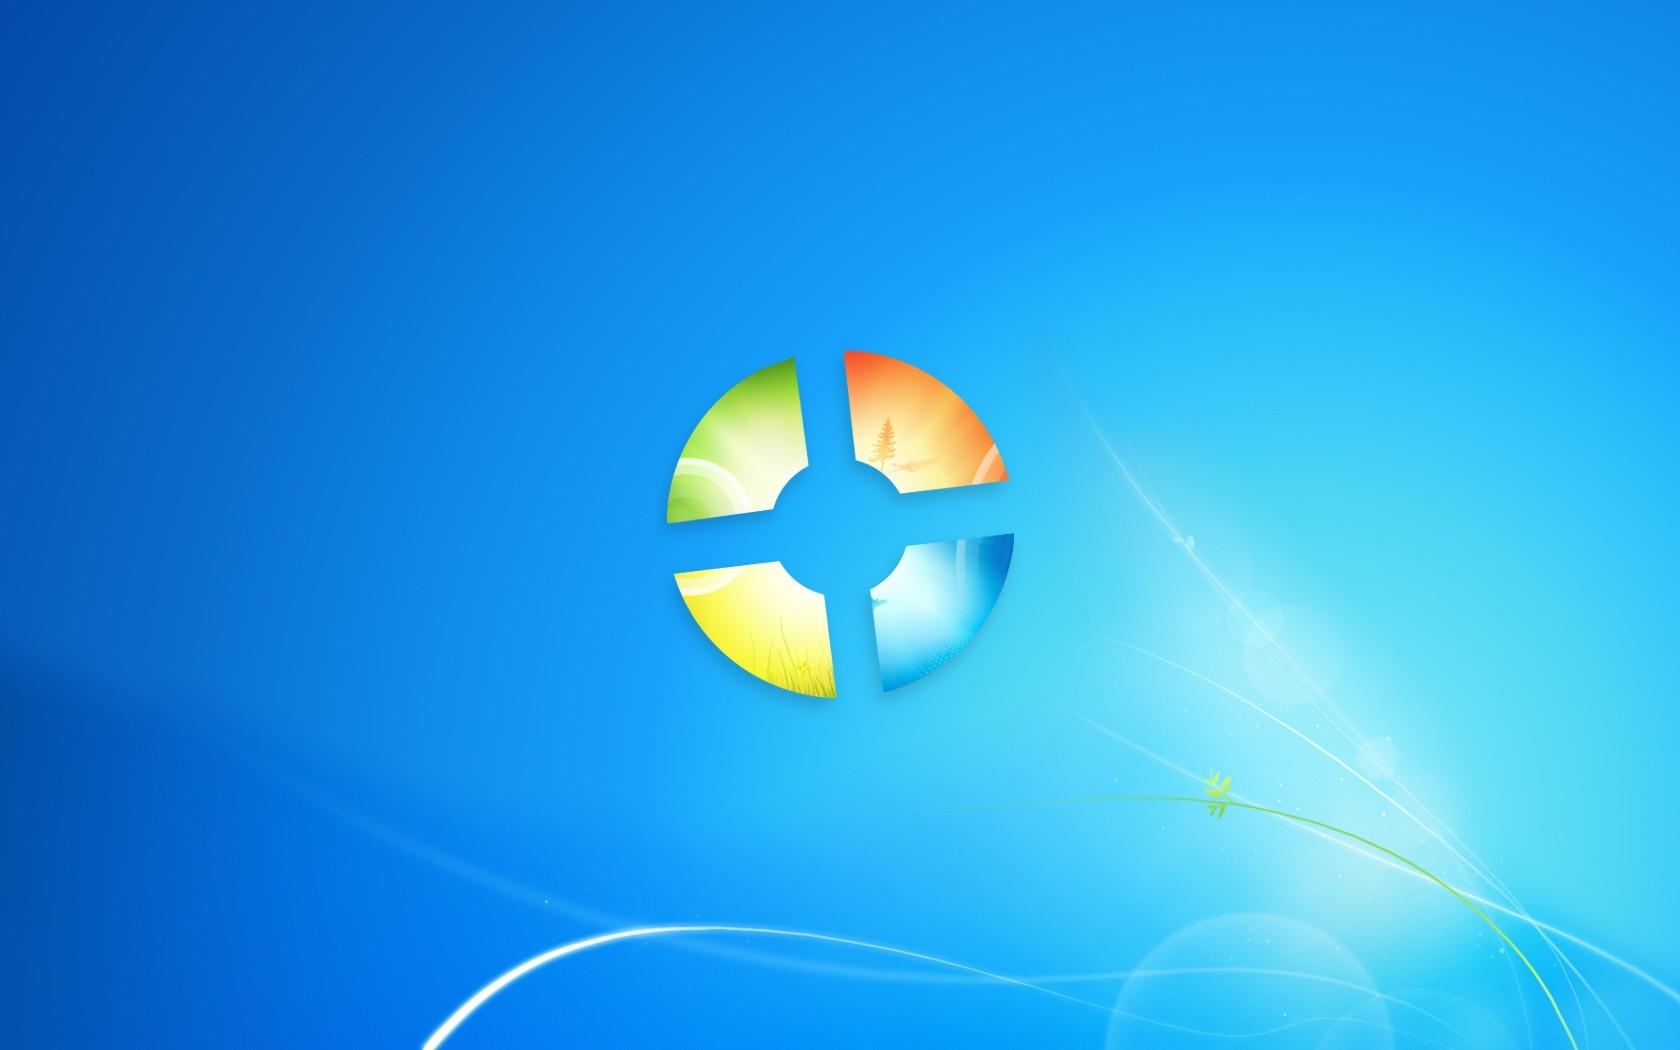 デスクトップ壁紙 図 青 サークル チームの要塞2 玉 Windows 7